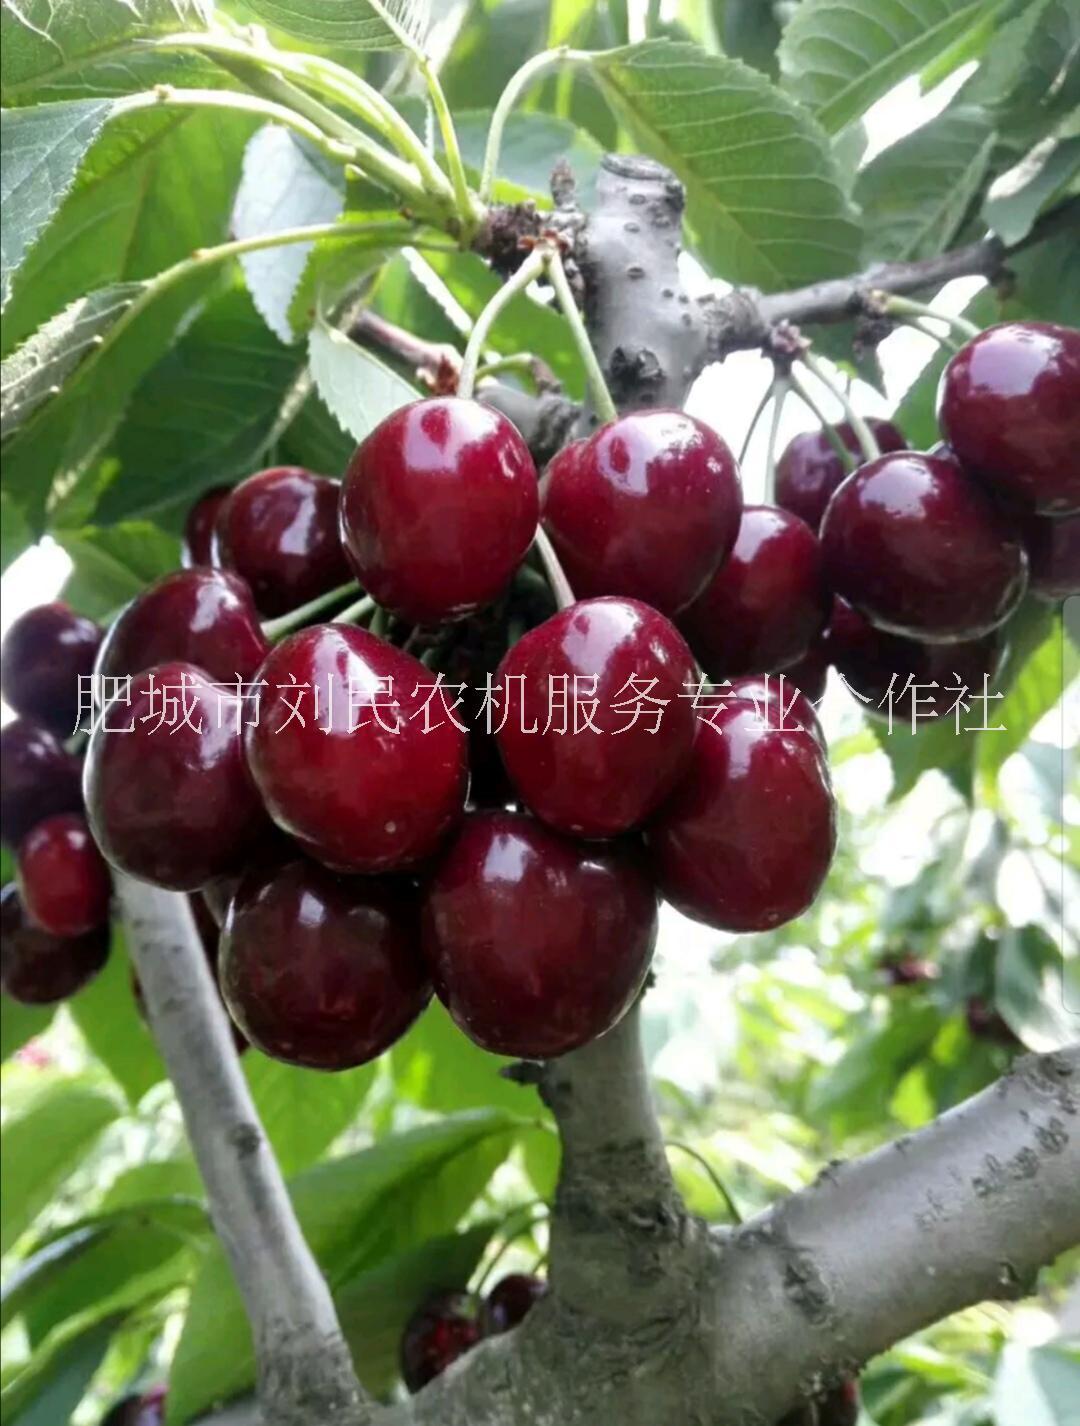 樱桃苗-优质樱桃苗- 樱桃小苗价格-山东大樱桃